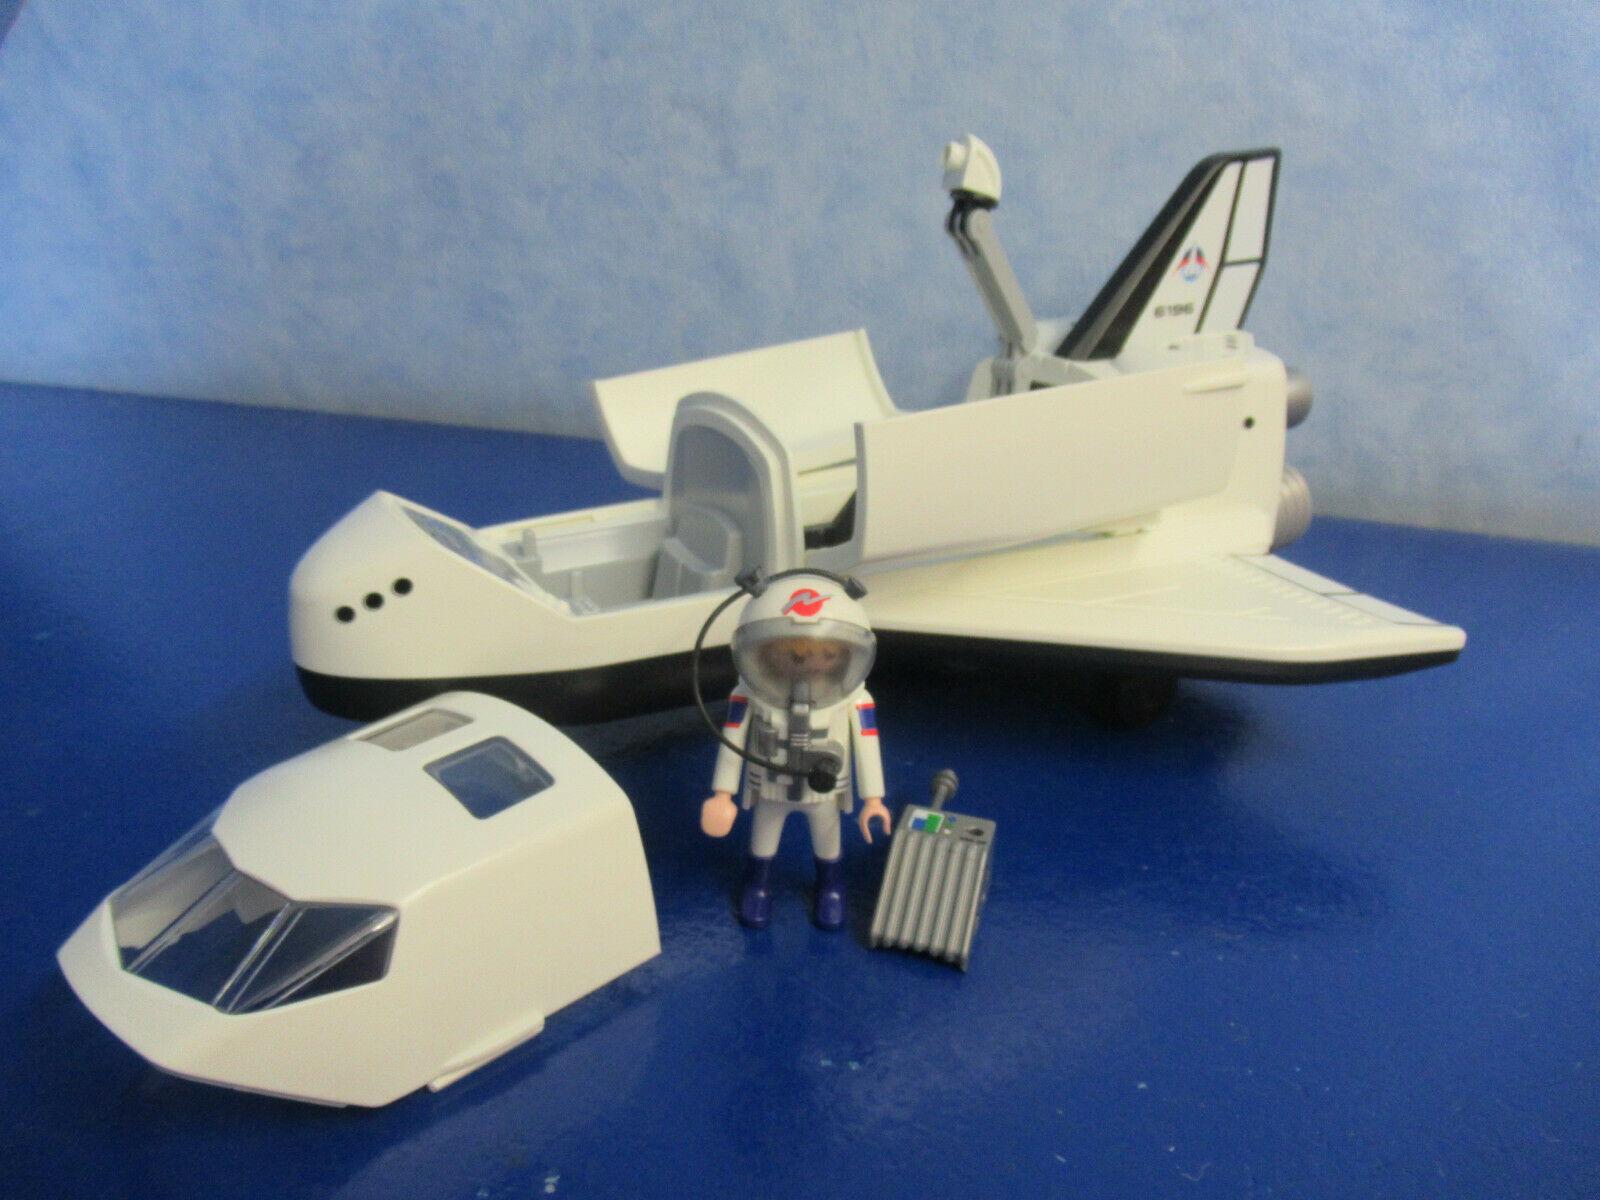 6196 Space Shuttle Figur Astronaut Zu 6195 Rakete Raumfahrt verwandt mit Playmobil Raumfahrt